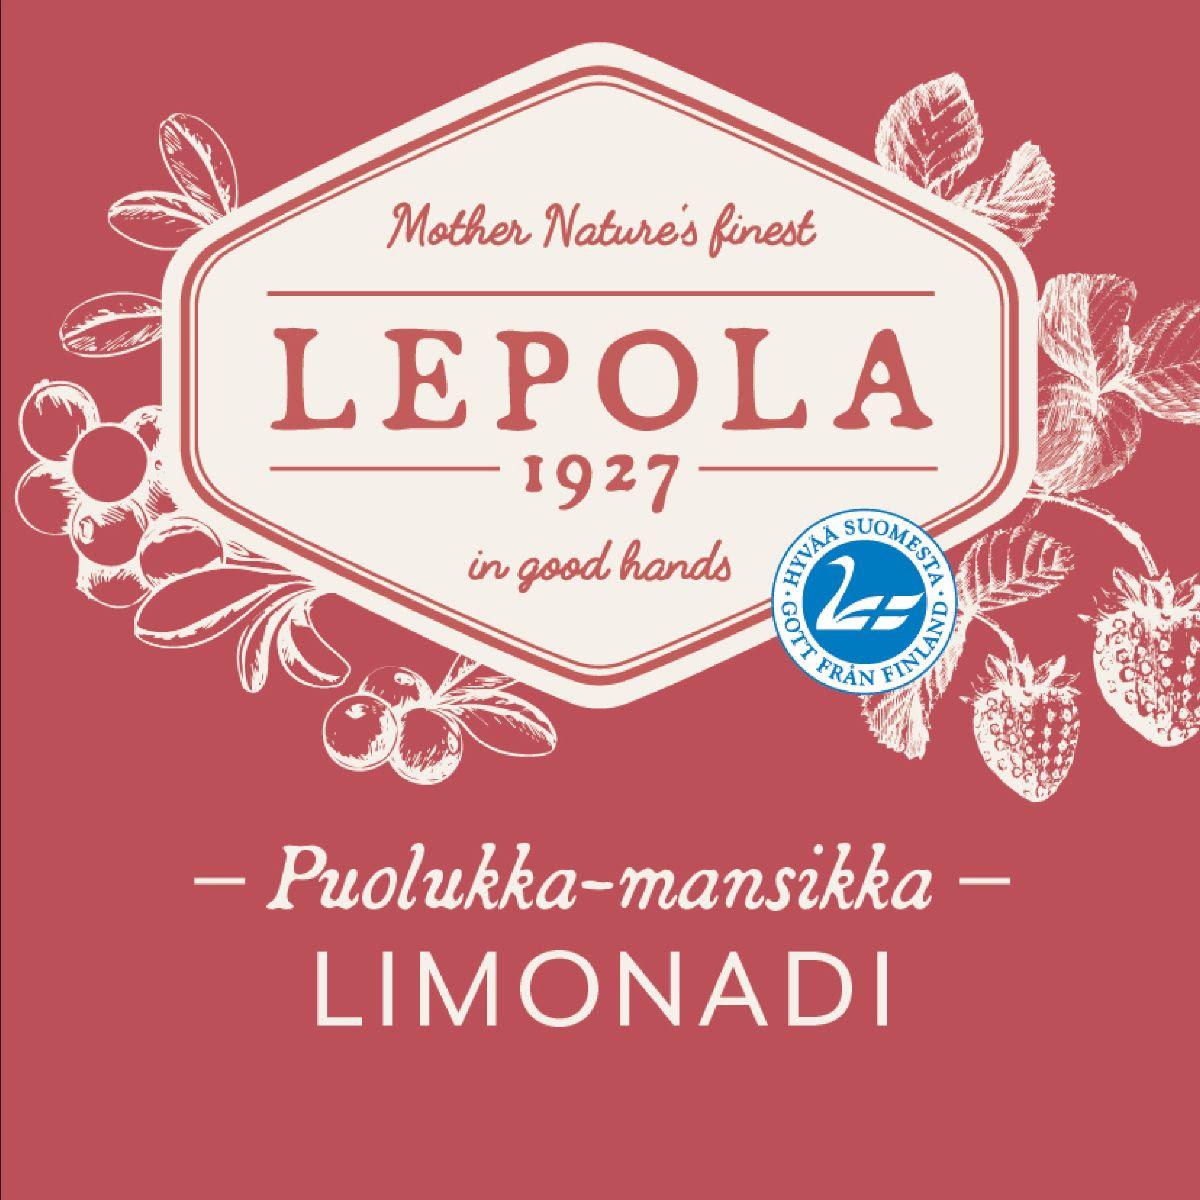 Lepola Puolukka-Mansikka Limonadi 0% - 0,33l bottle